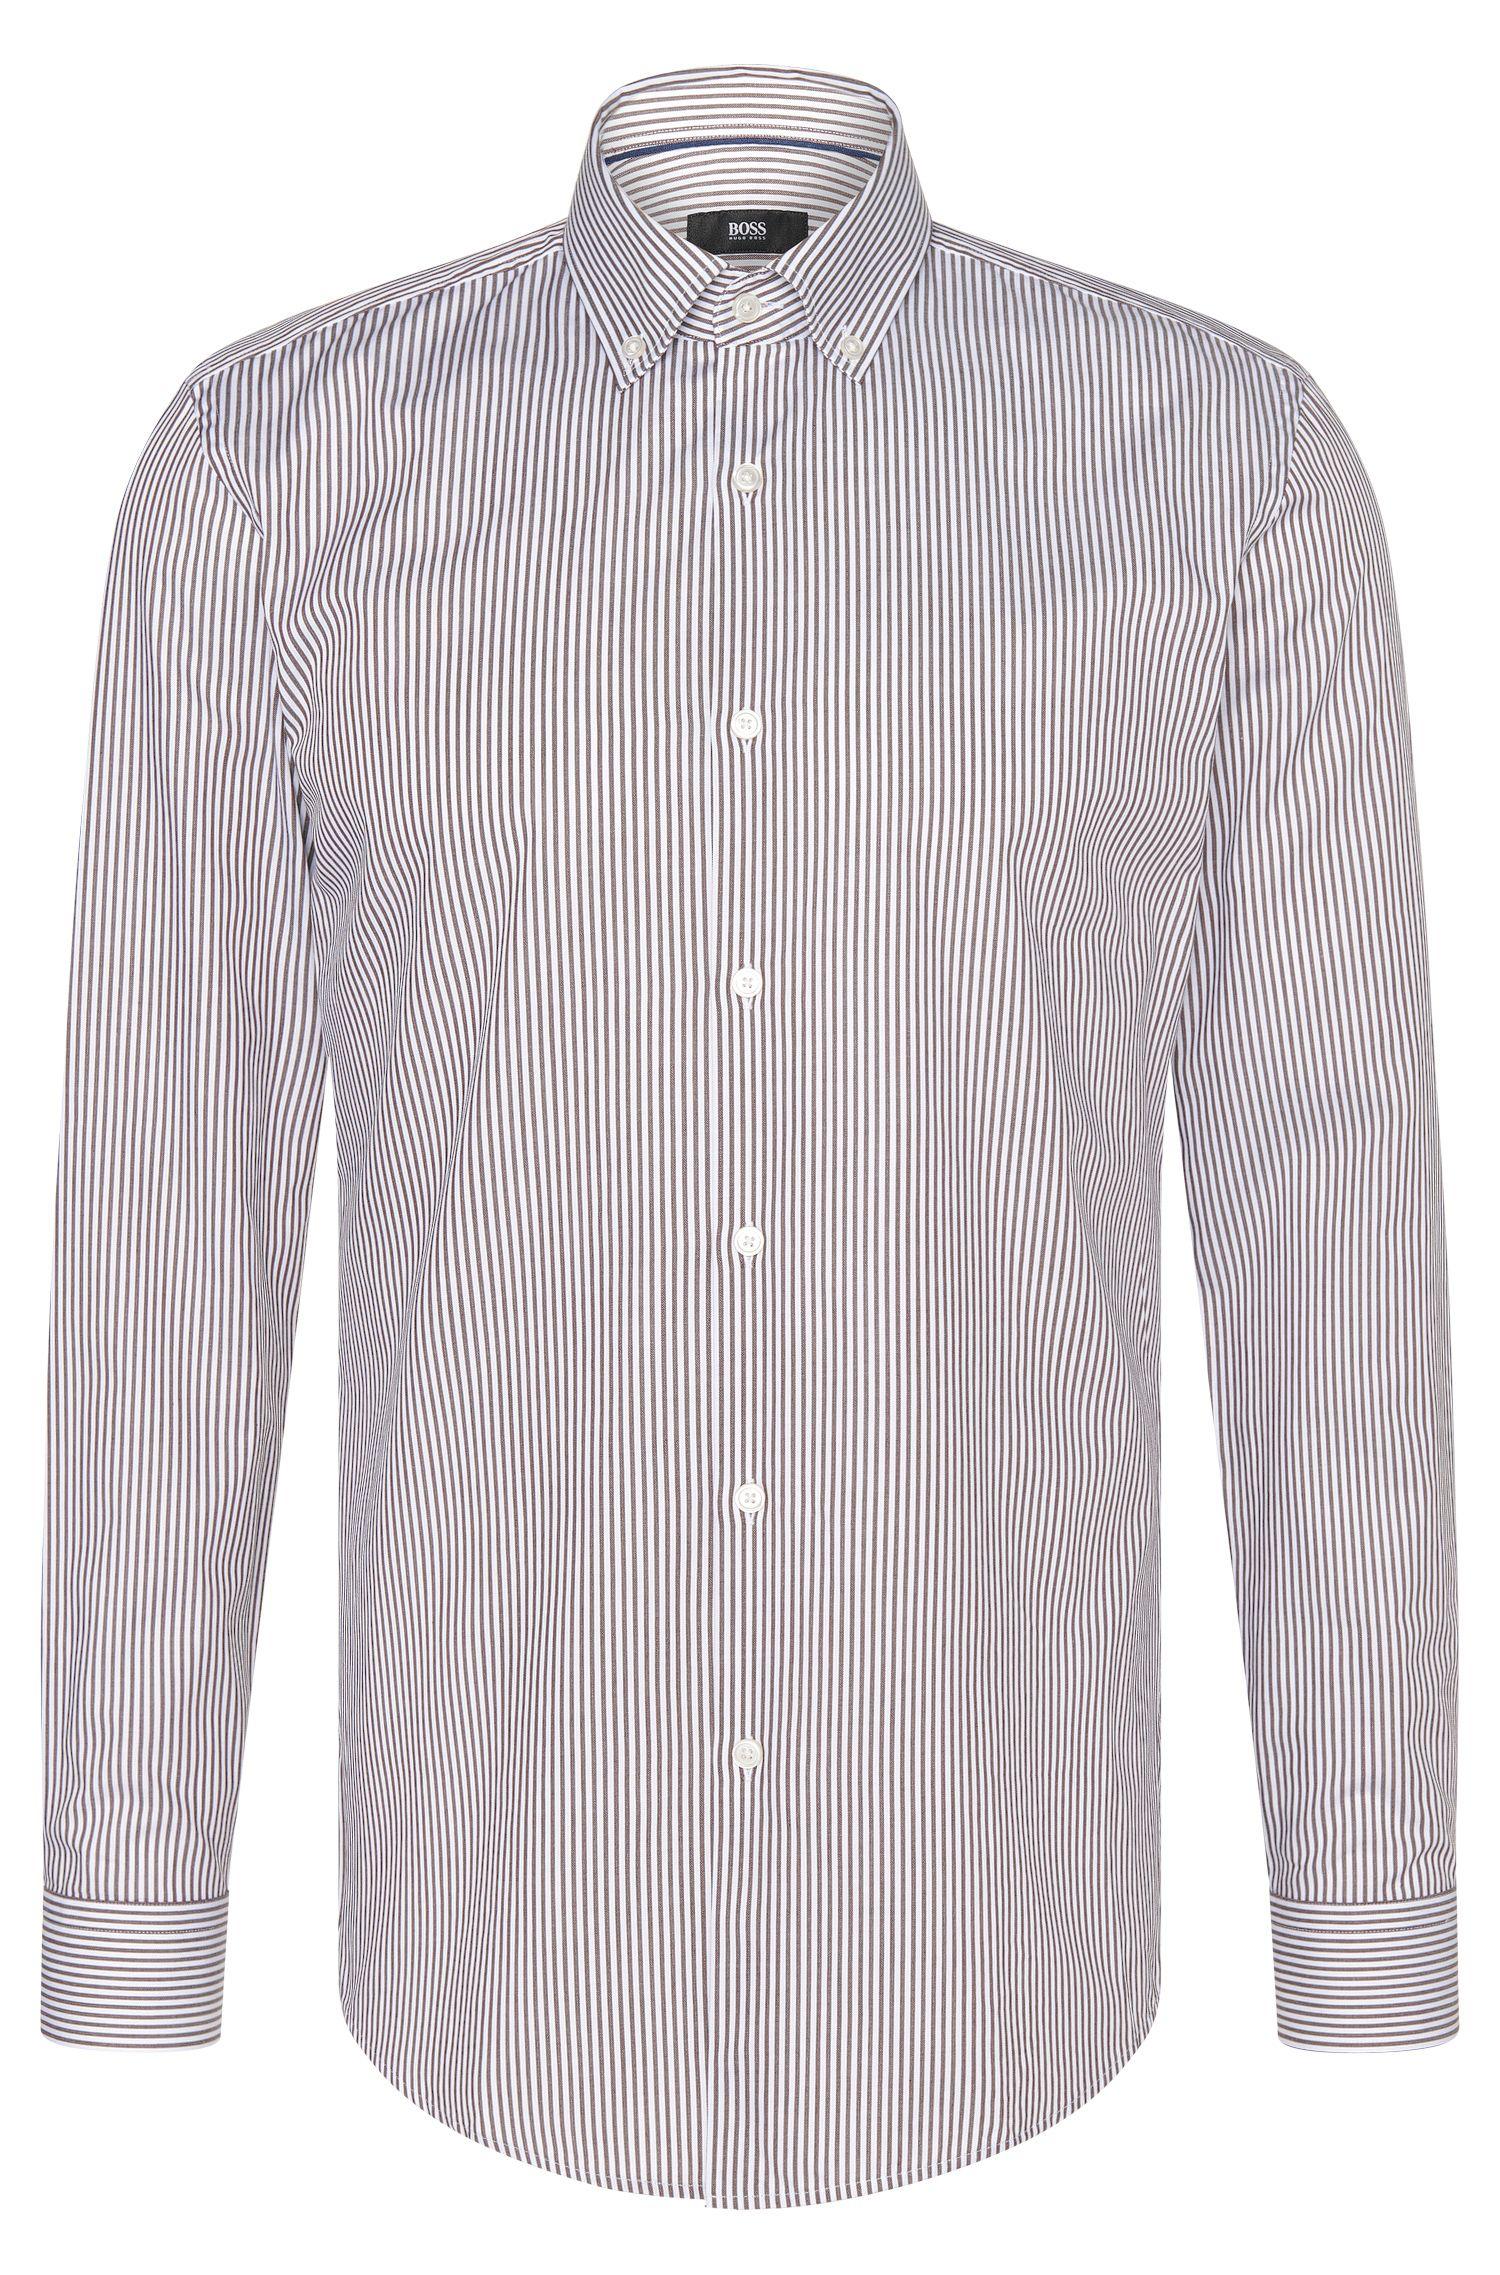 'Ismar' | Slim Fit, Cotton Twill Stripe Dress Shirt